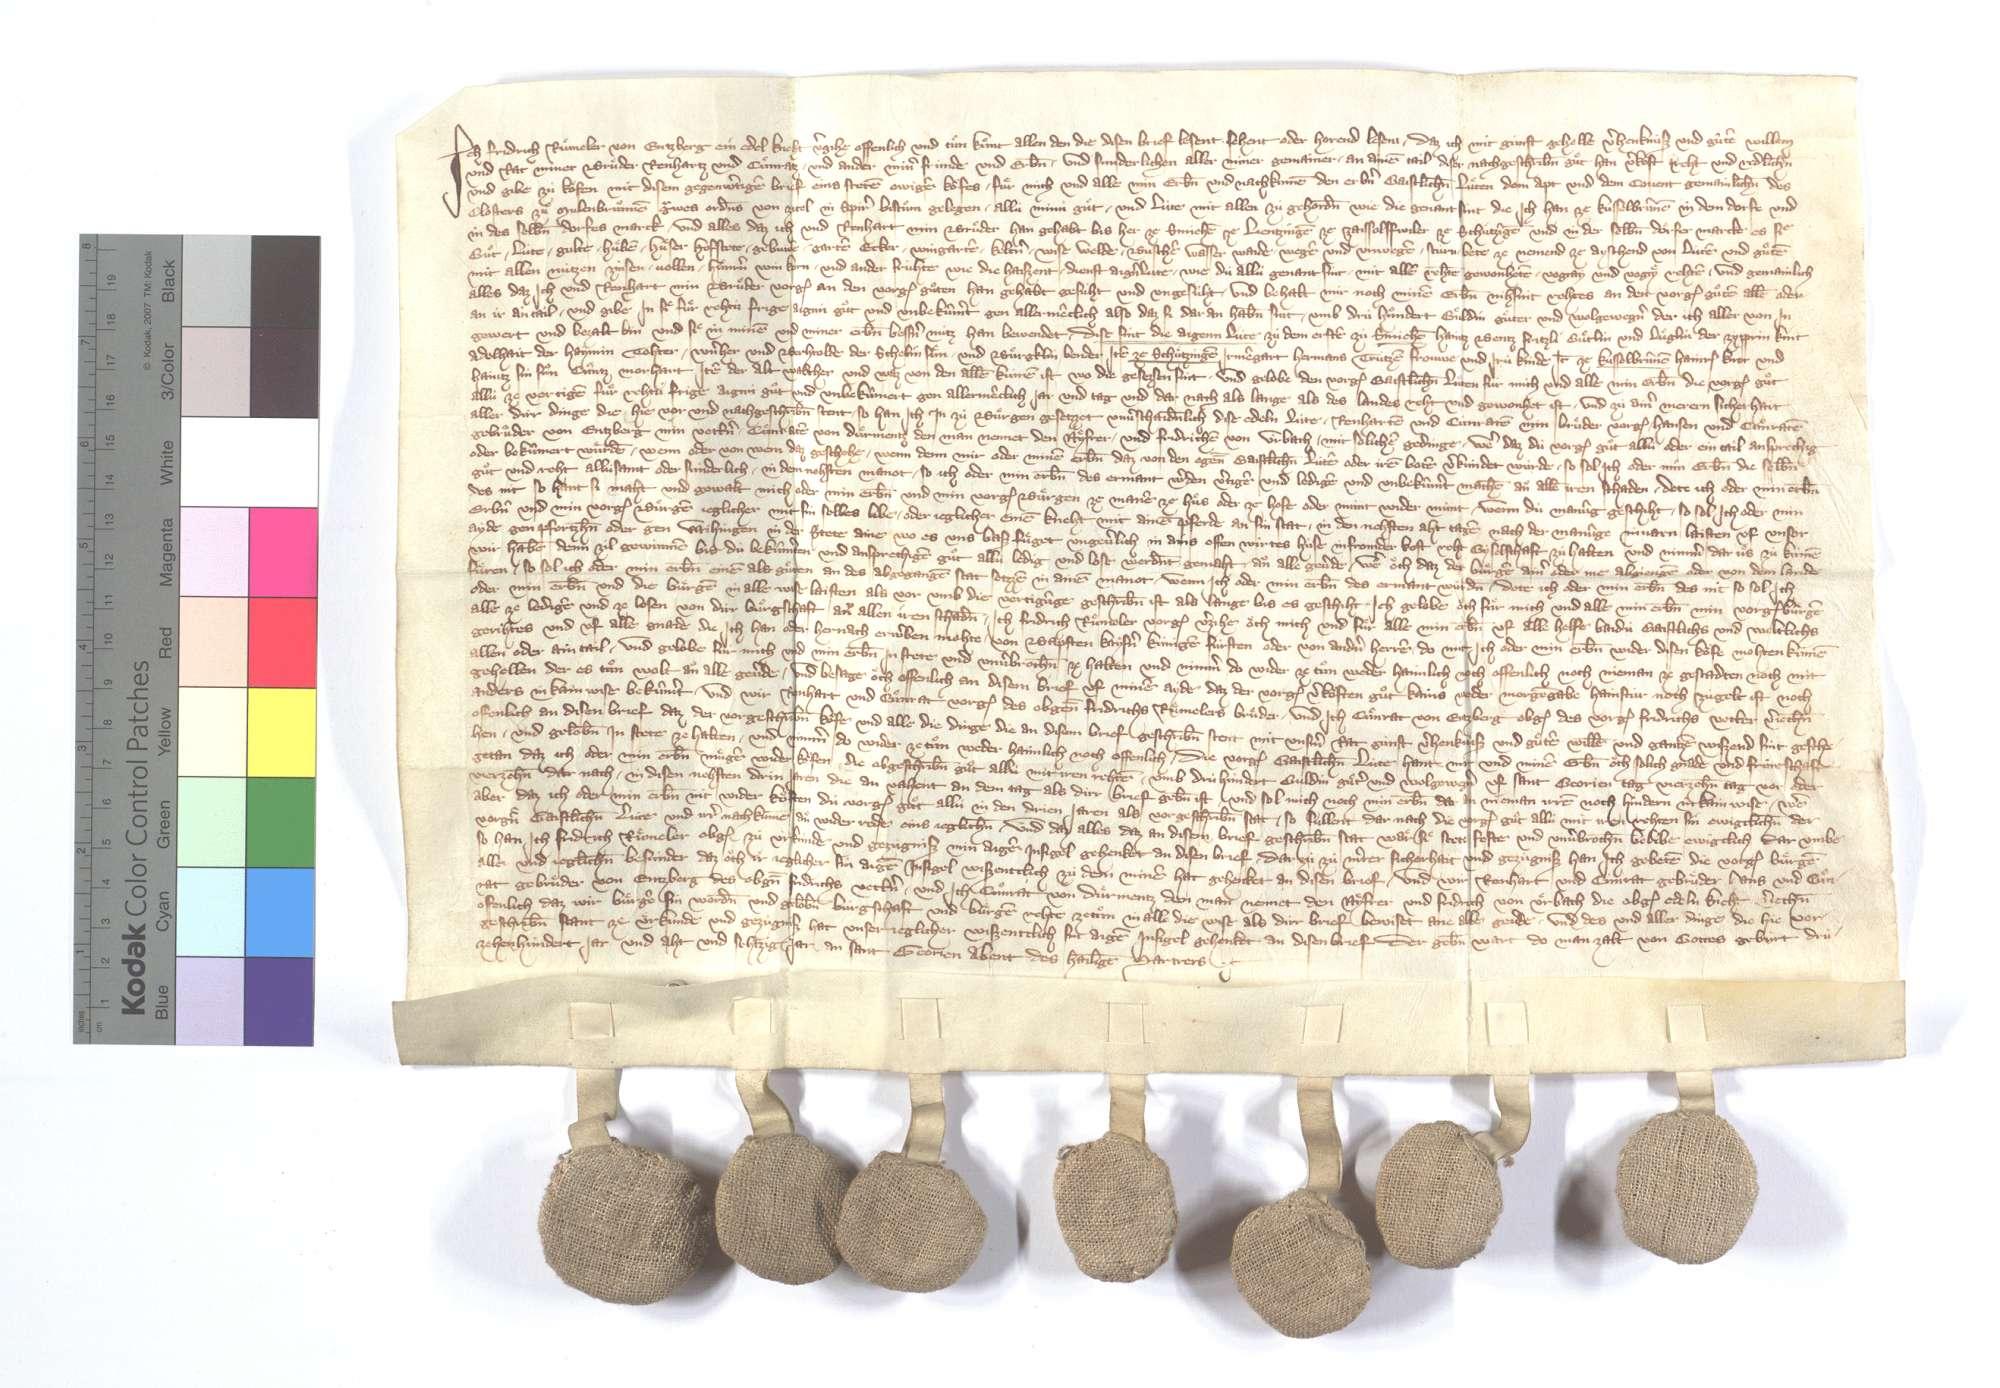 Friedrich Rummler von Enzberg verkauft dem Kloster Maulbronn all sein Einkommen und Gerechtsame in Kieselbronn und (auch) Schmie (Schmye), Lienzingen (Lientzingen), Zaisersweiher und Schützingen (Schüzingen)., Text